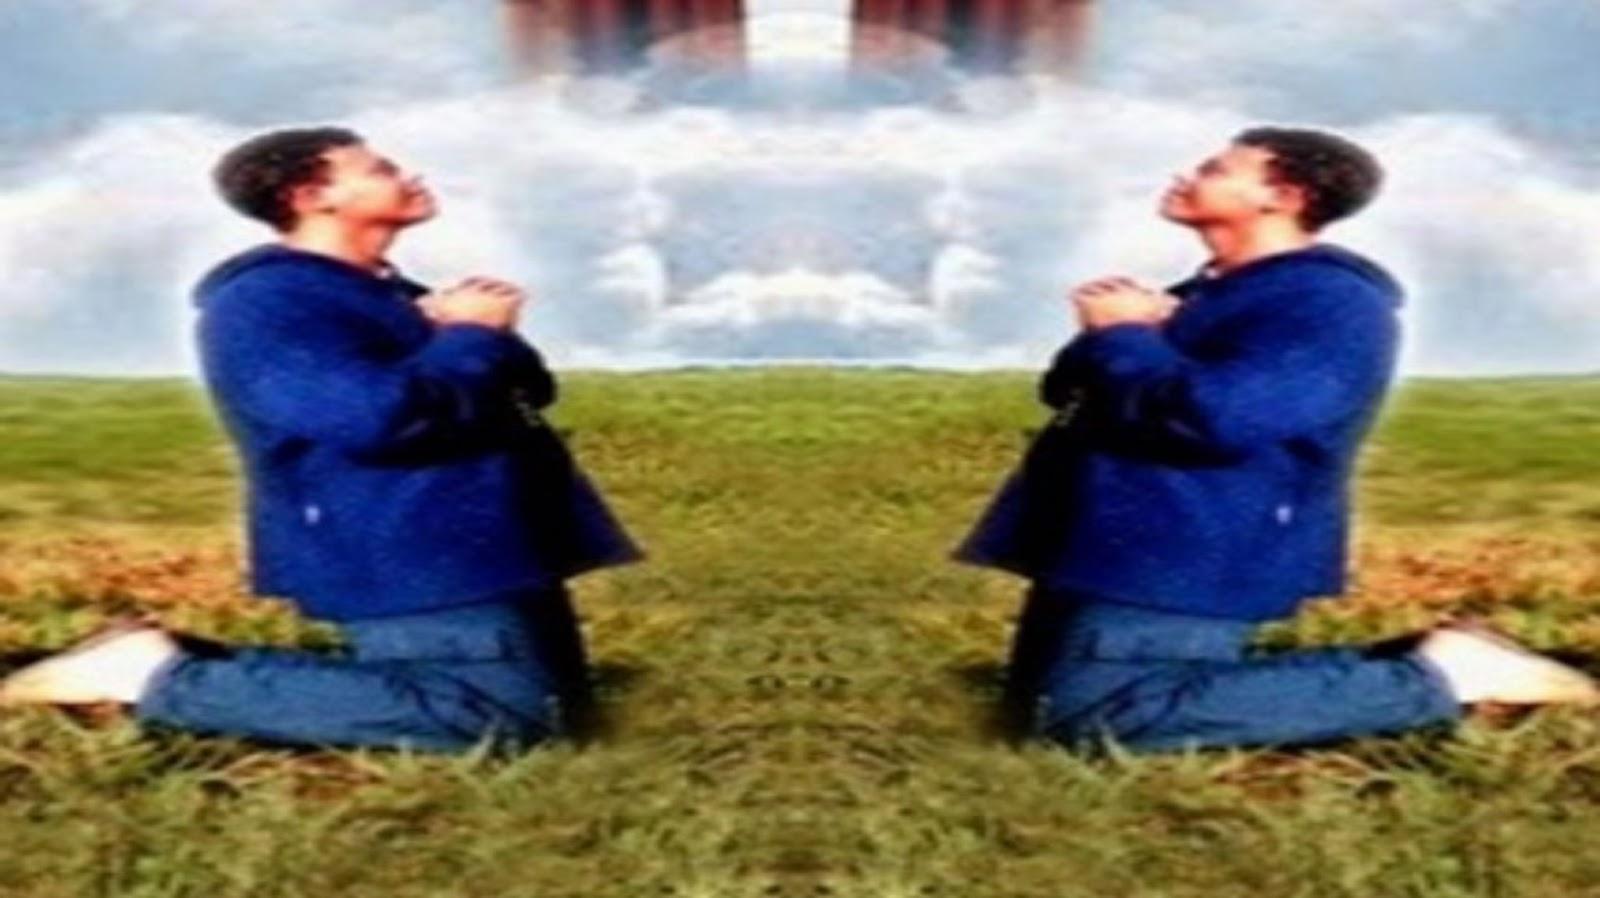 jacareiencantado,verdadeira farsa,indignant catholic.Nelson Westrupp, évelin galdino, Ludgero Bernardes, seita, vidente, aparição, sinais, fátima, marcos tadeu, Santuário, RAINHA MENSAGEIRA,  marquinho vidente, mensageira,jacareiencantado.com . comunista, simonia